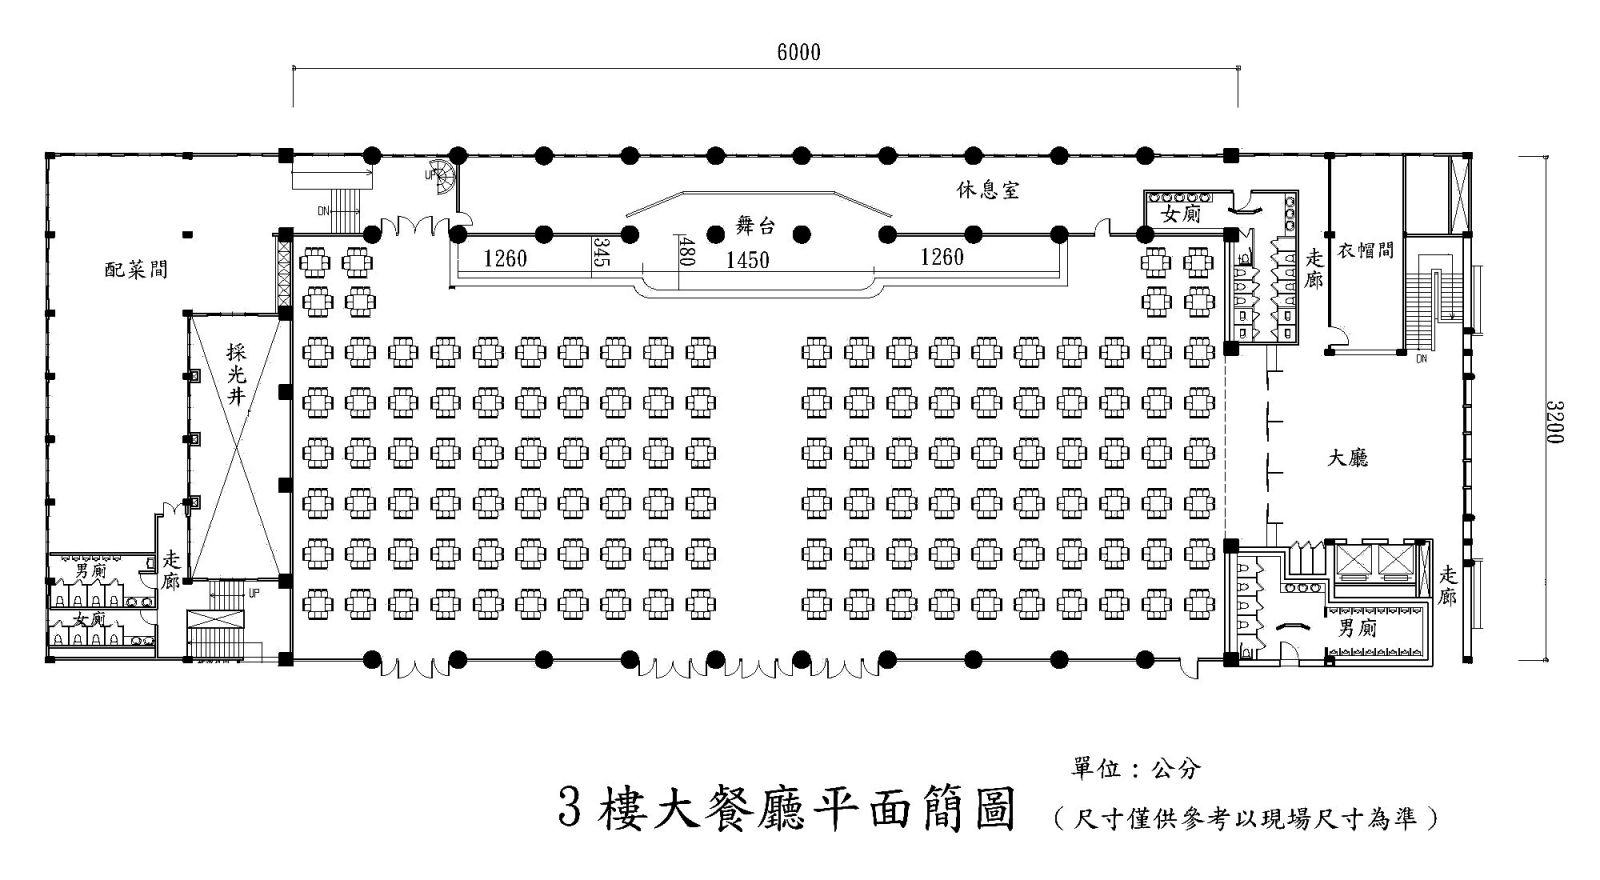 國宴廳平面簡圖